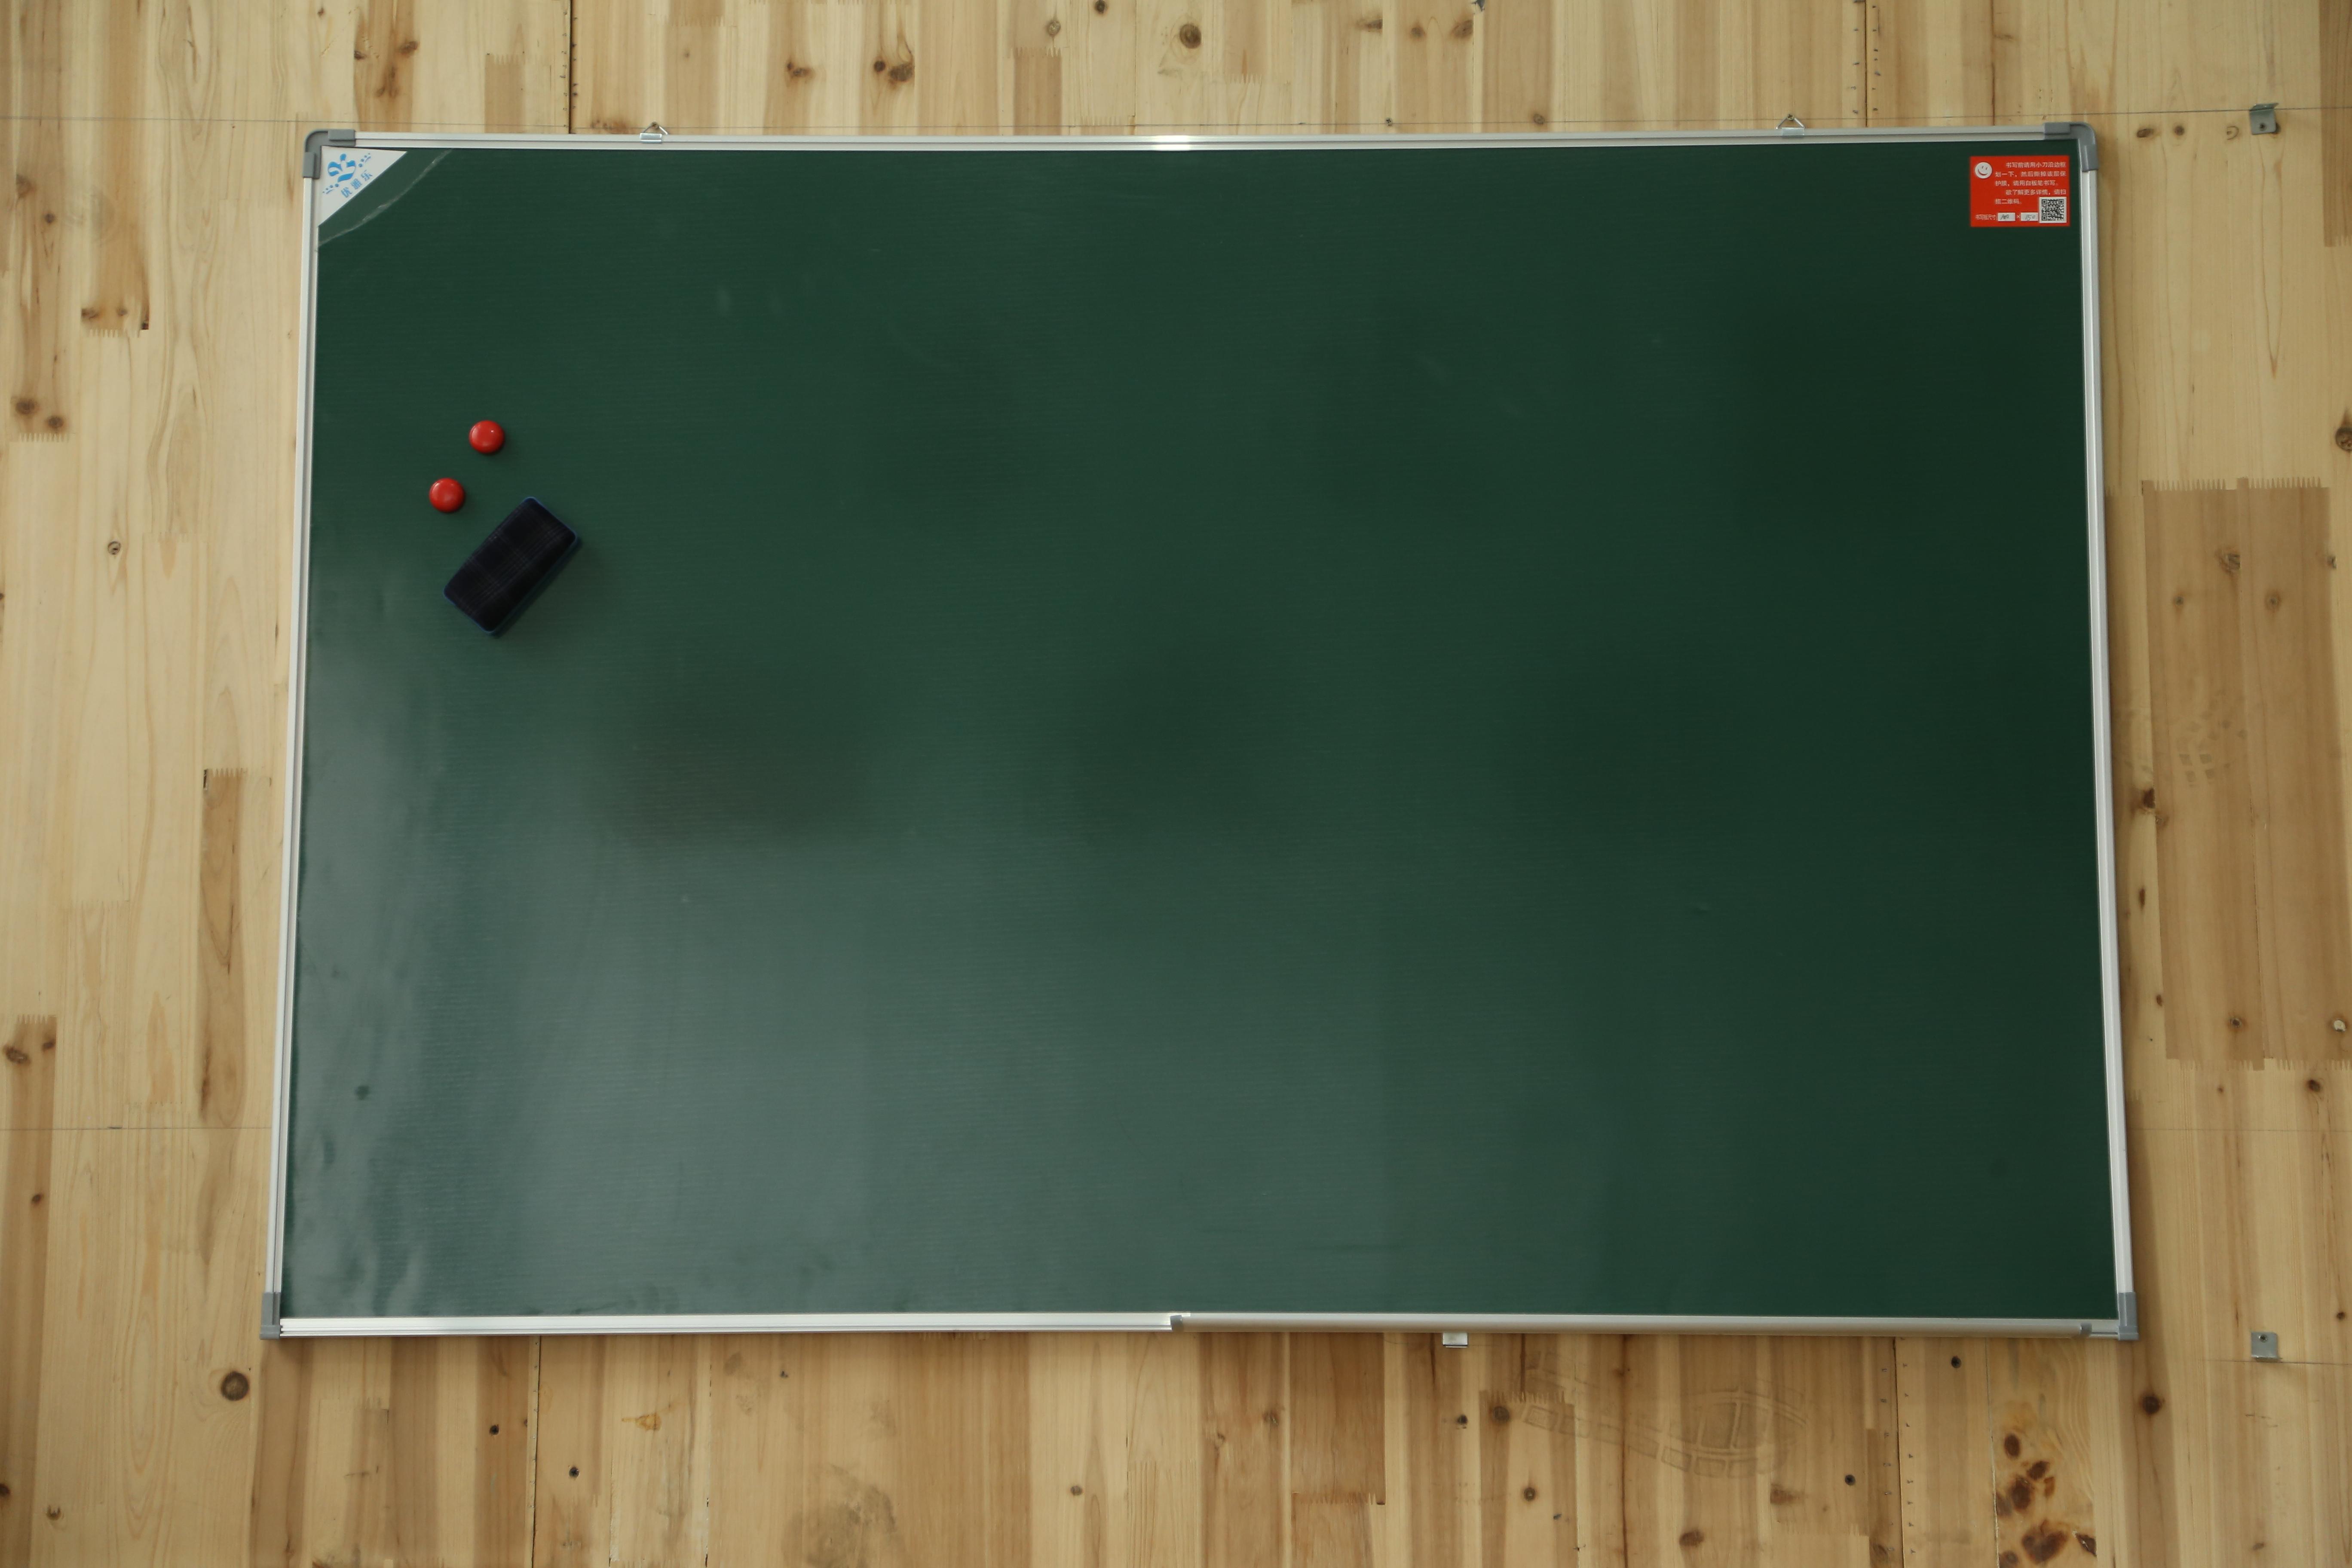 优雅乐50*70磁性绿板工厂直销,单面挂式小黑板尺寸可定制